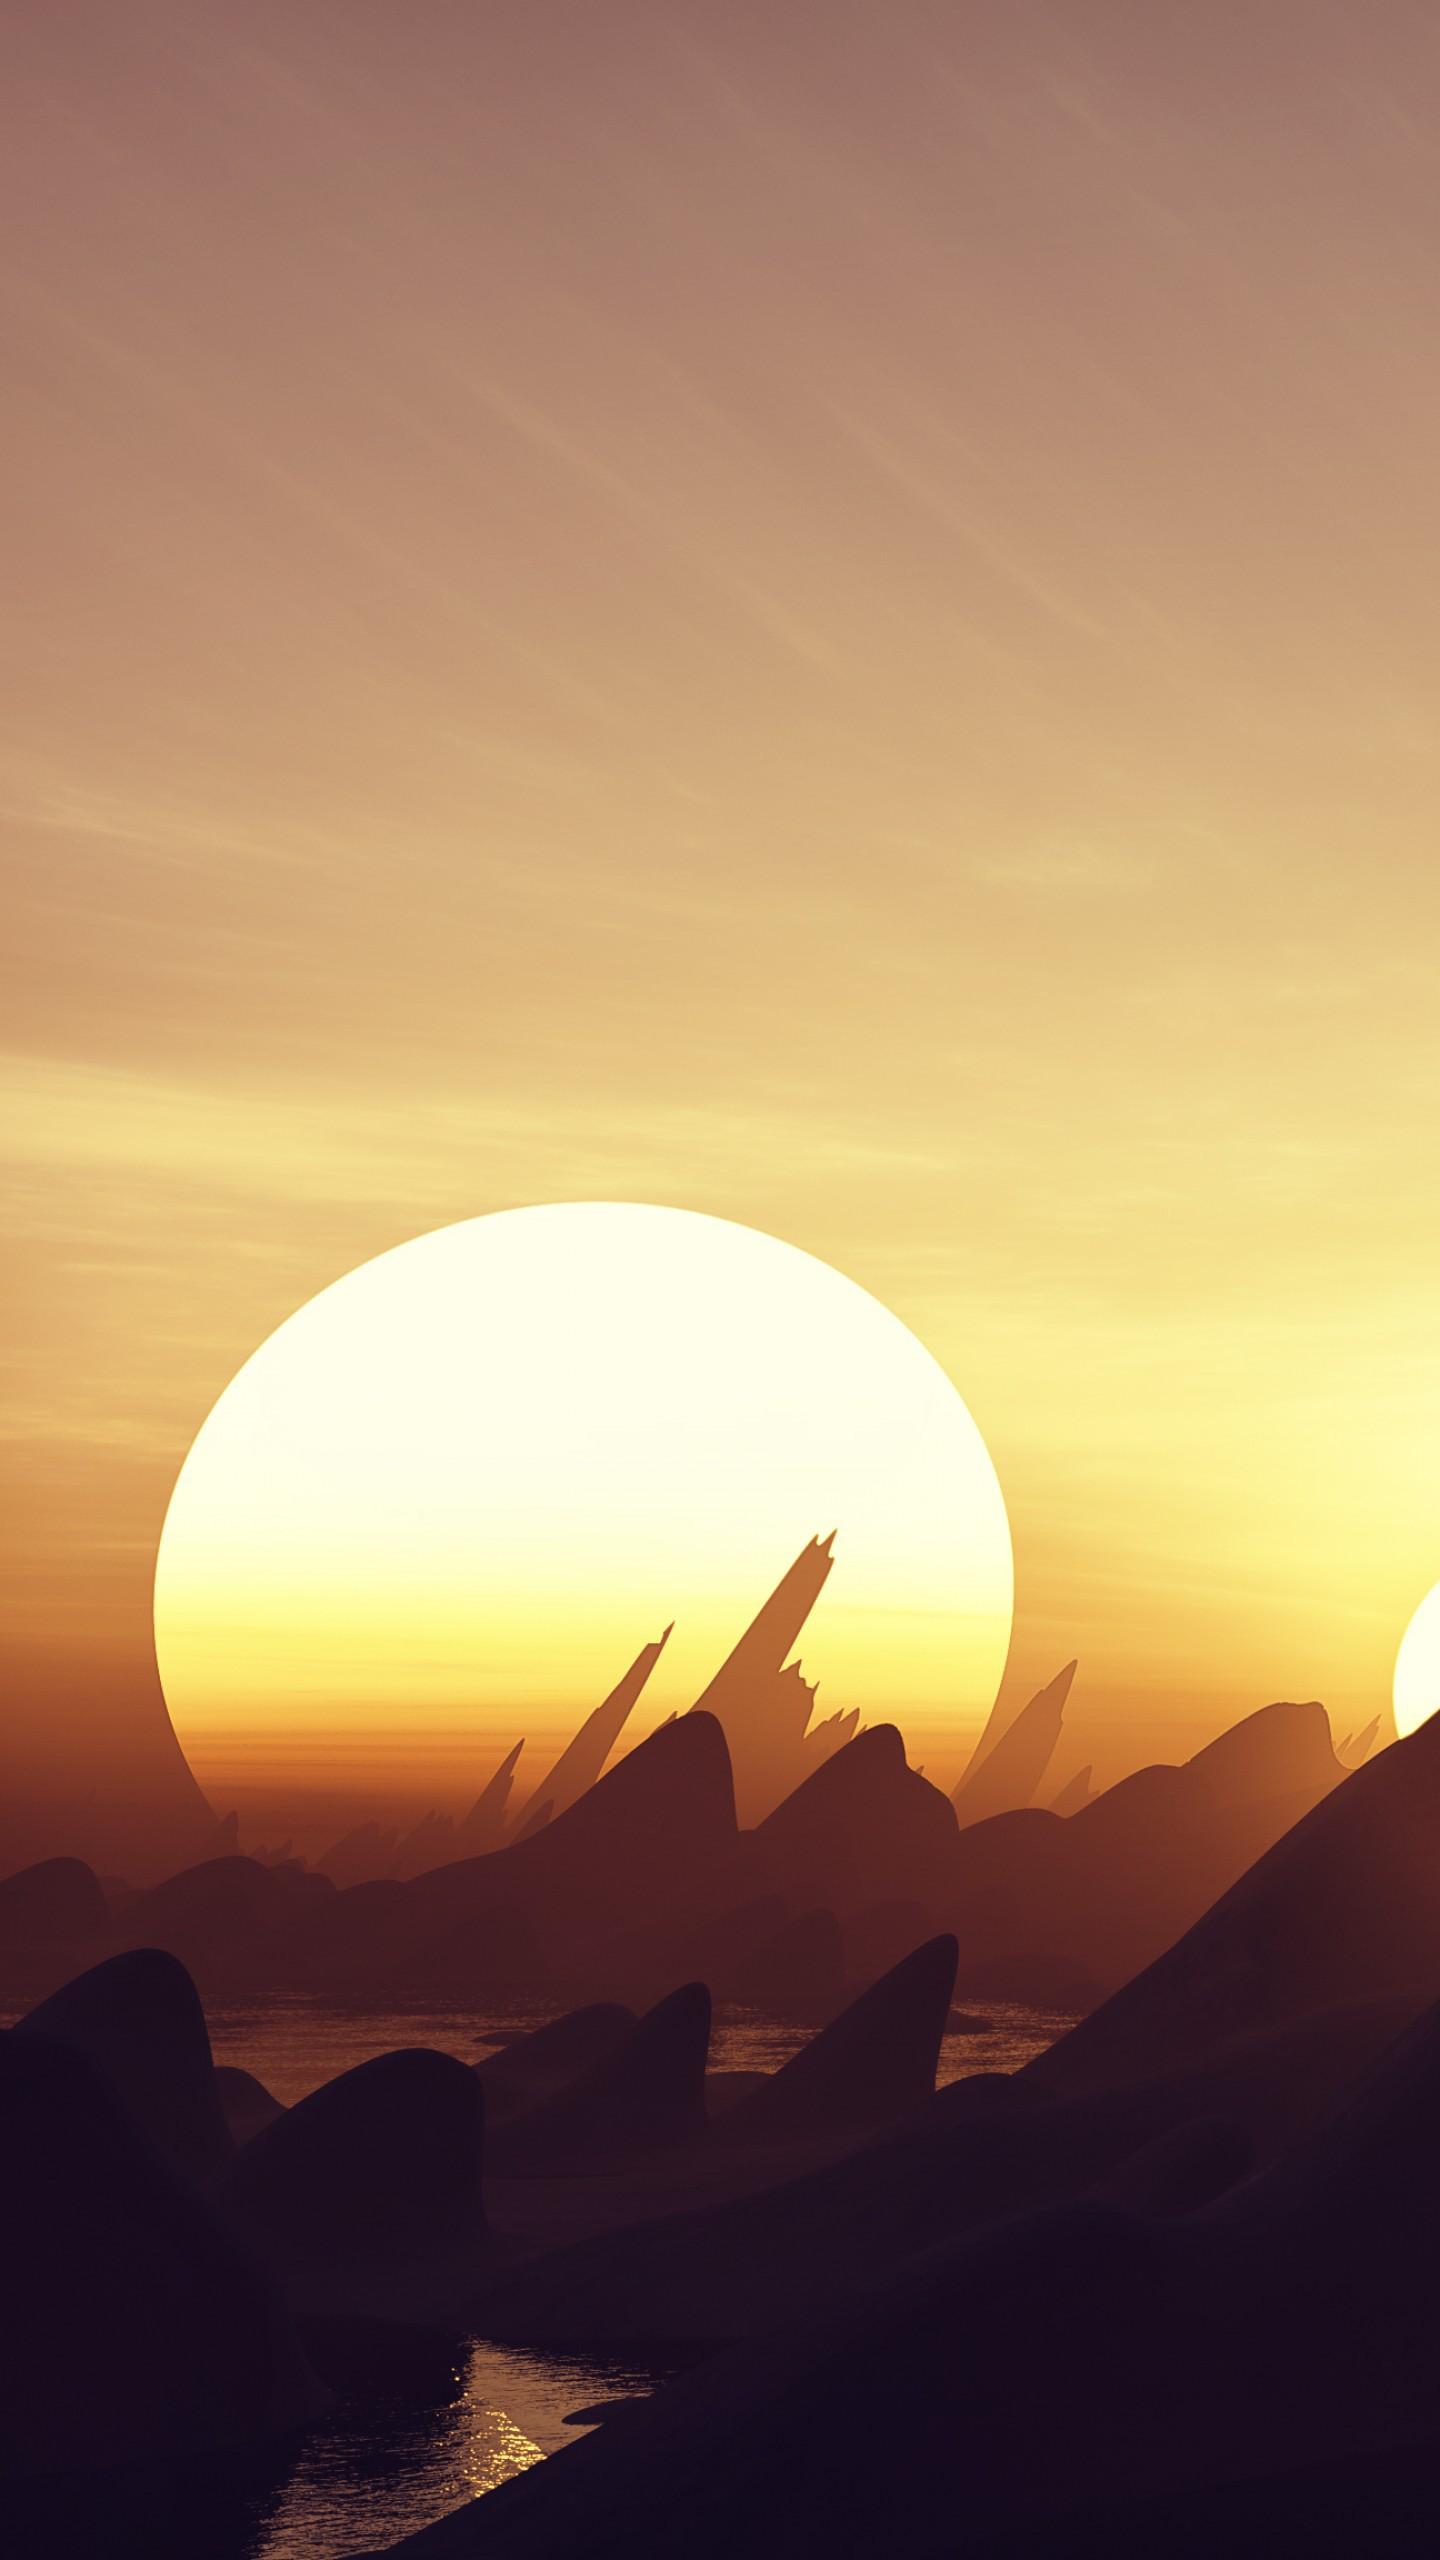 عکس زمینه گرافیک خلاق غروب خورشید پس زمینه